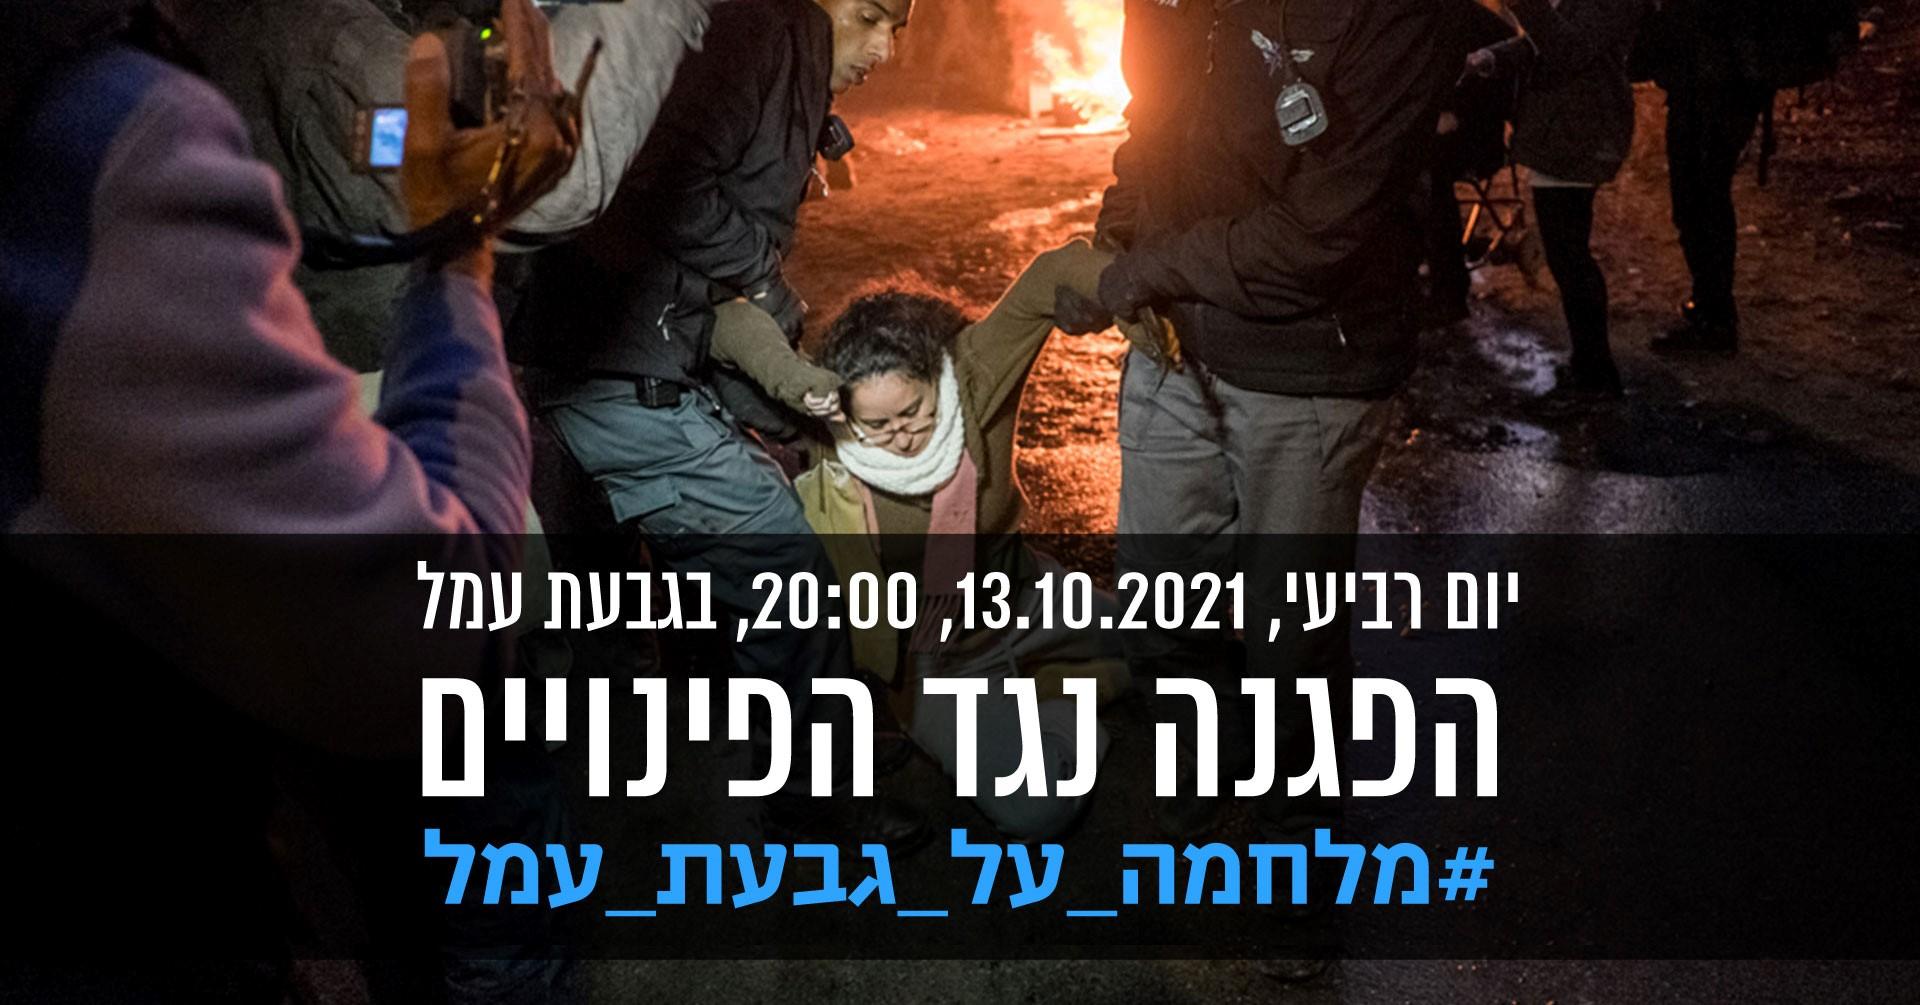 תושבי גבעת עמל בתל-אביב ופעילים חברתיים יפגינו נגד הפינויים הצפויים בשכונה